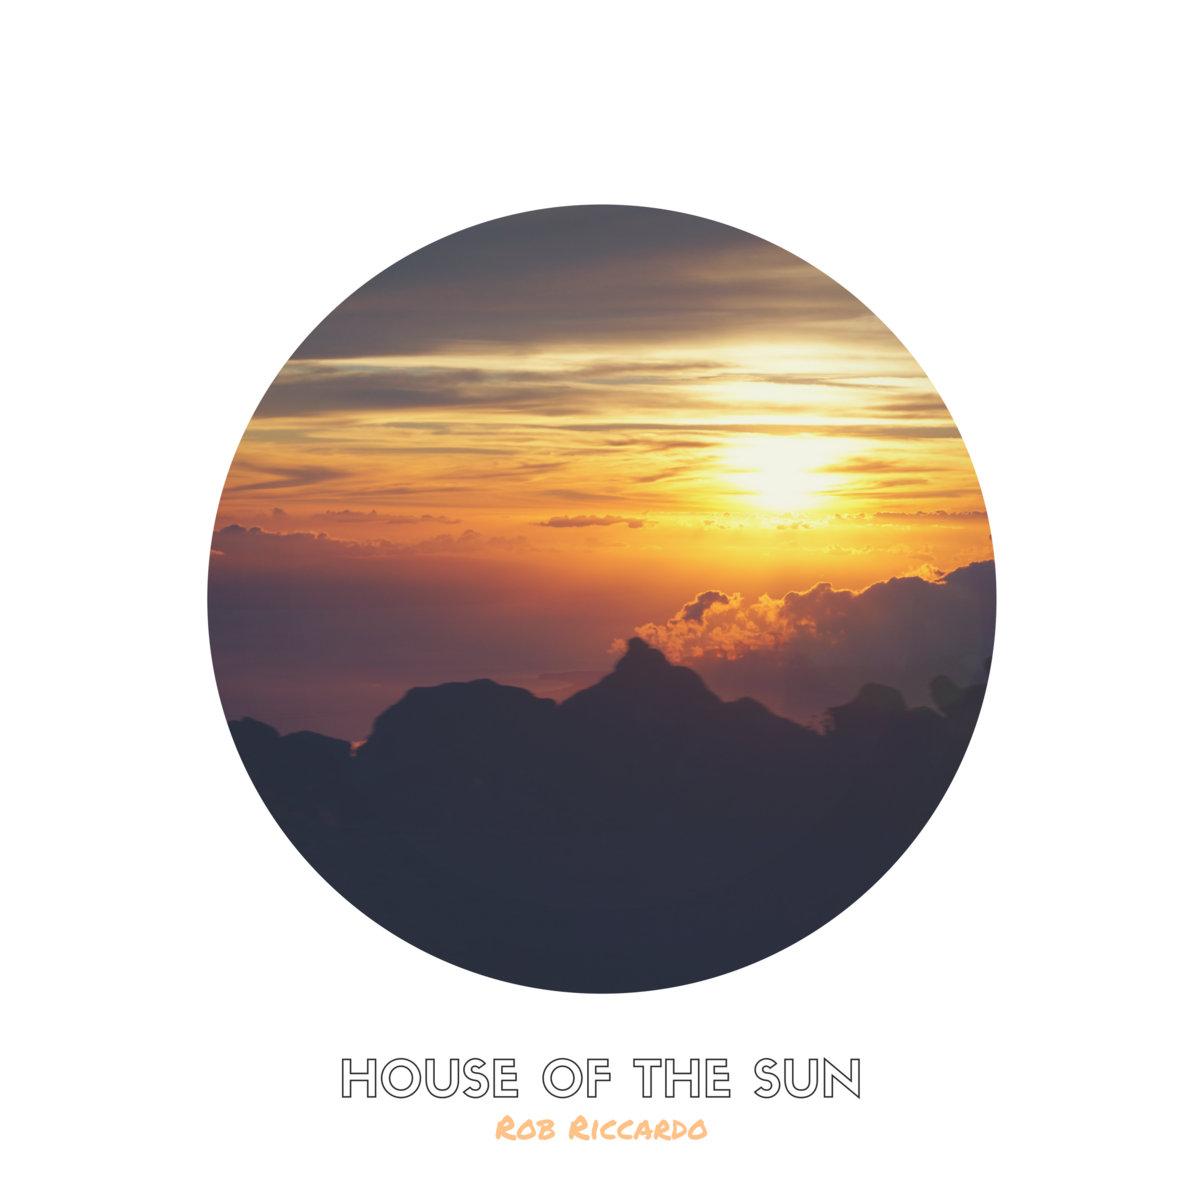 House of the Sun | Rob Riccardo